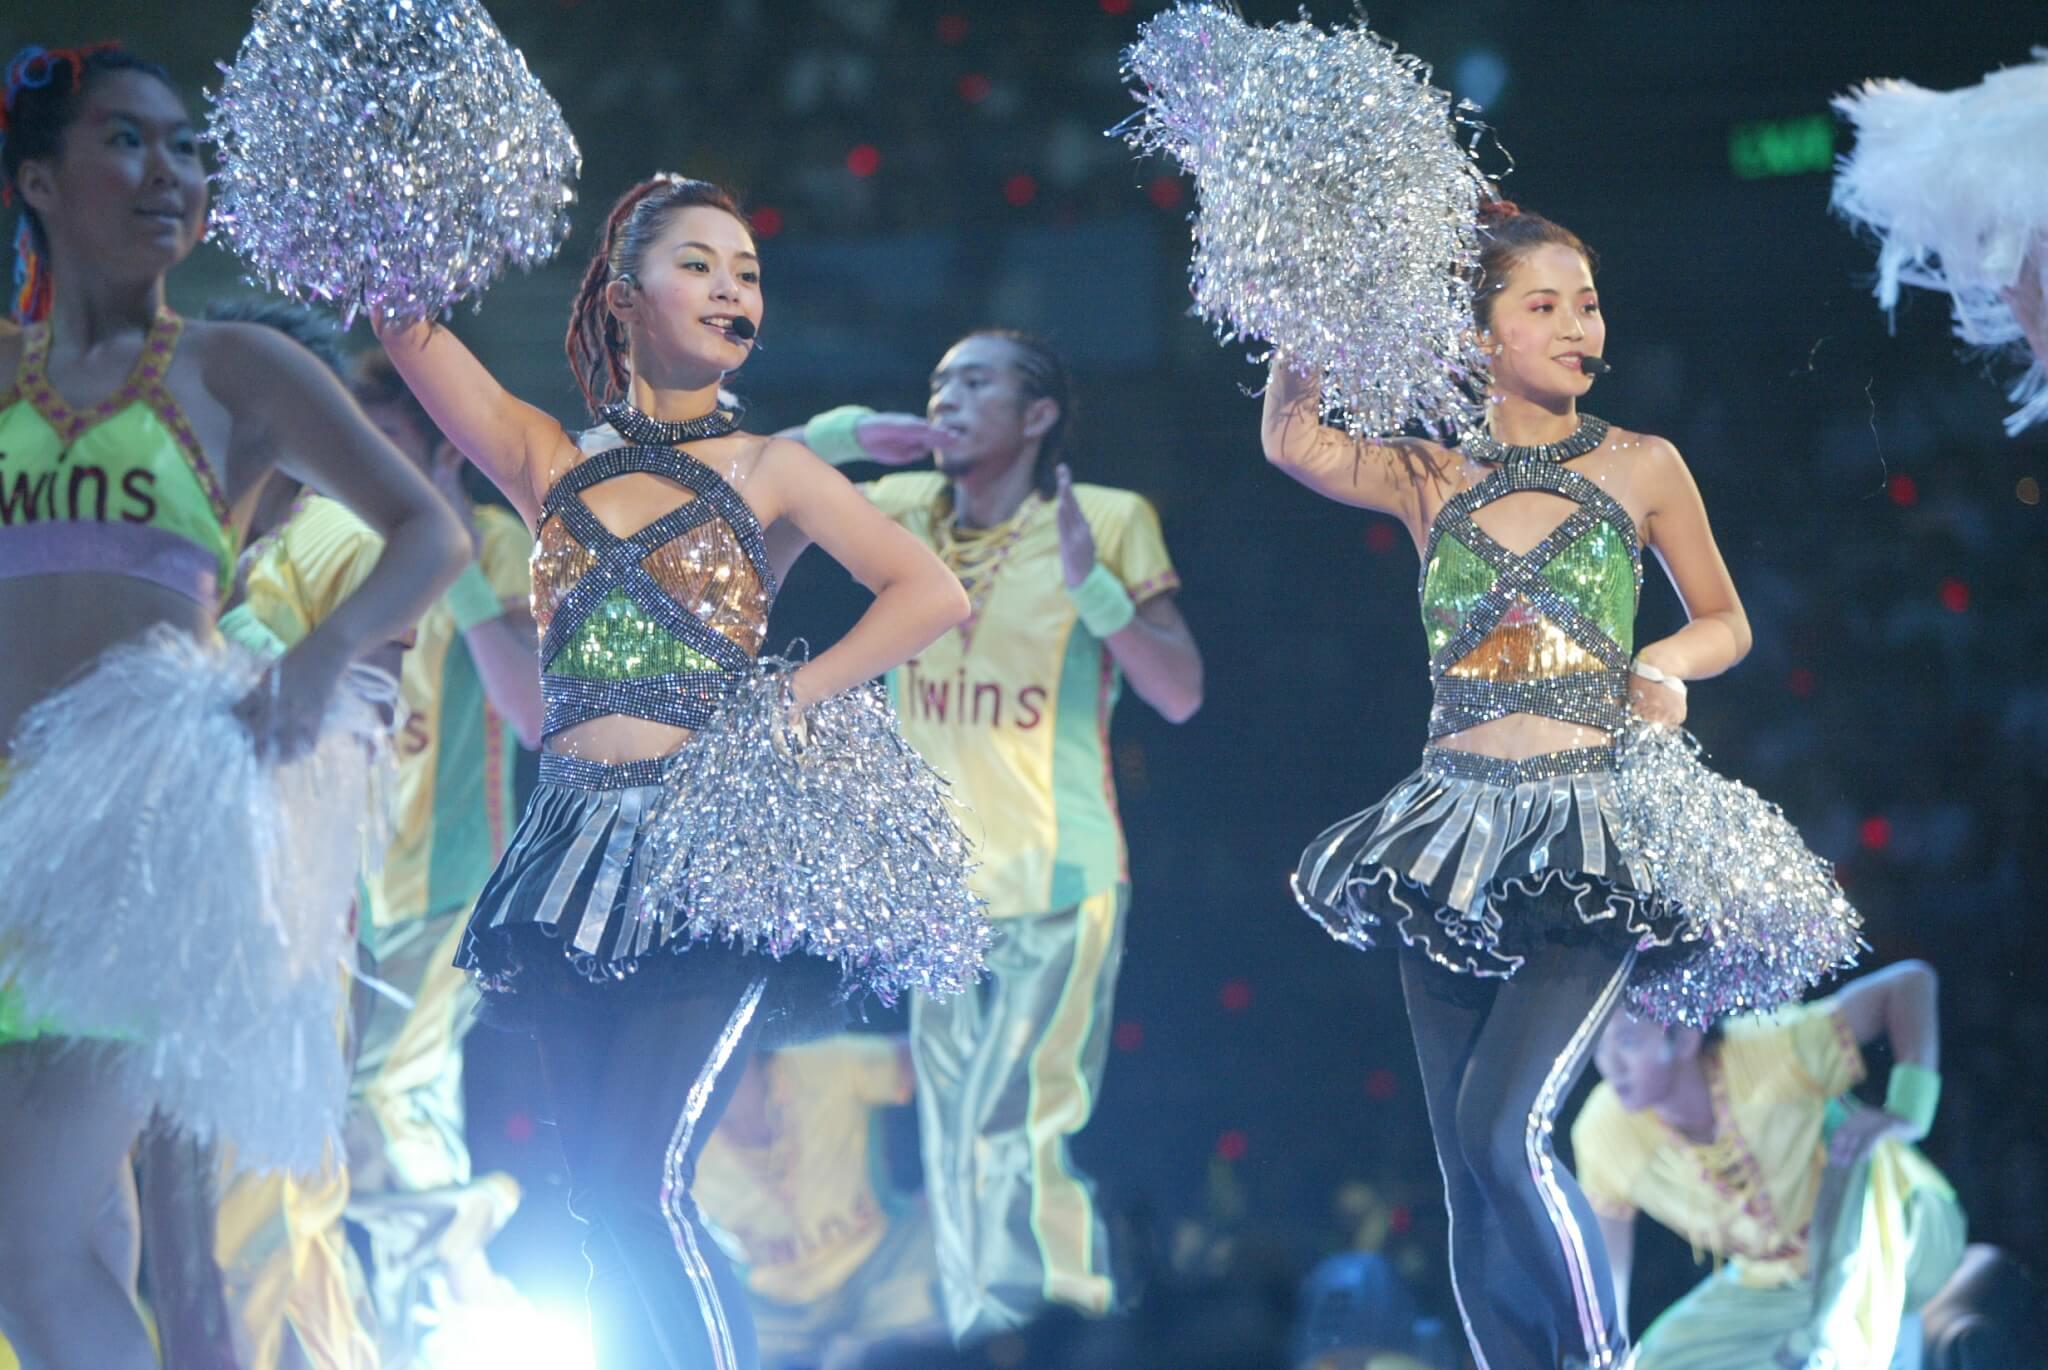 蔡卓妍與鍾欣潼於2001年5月18日出道,翌年即踏足紅館開個唱,聲勢一時無兩。